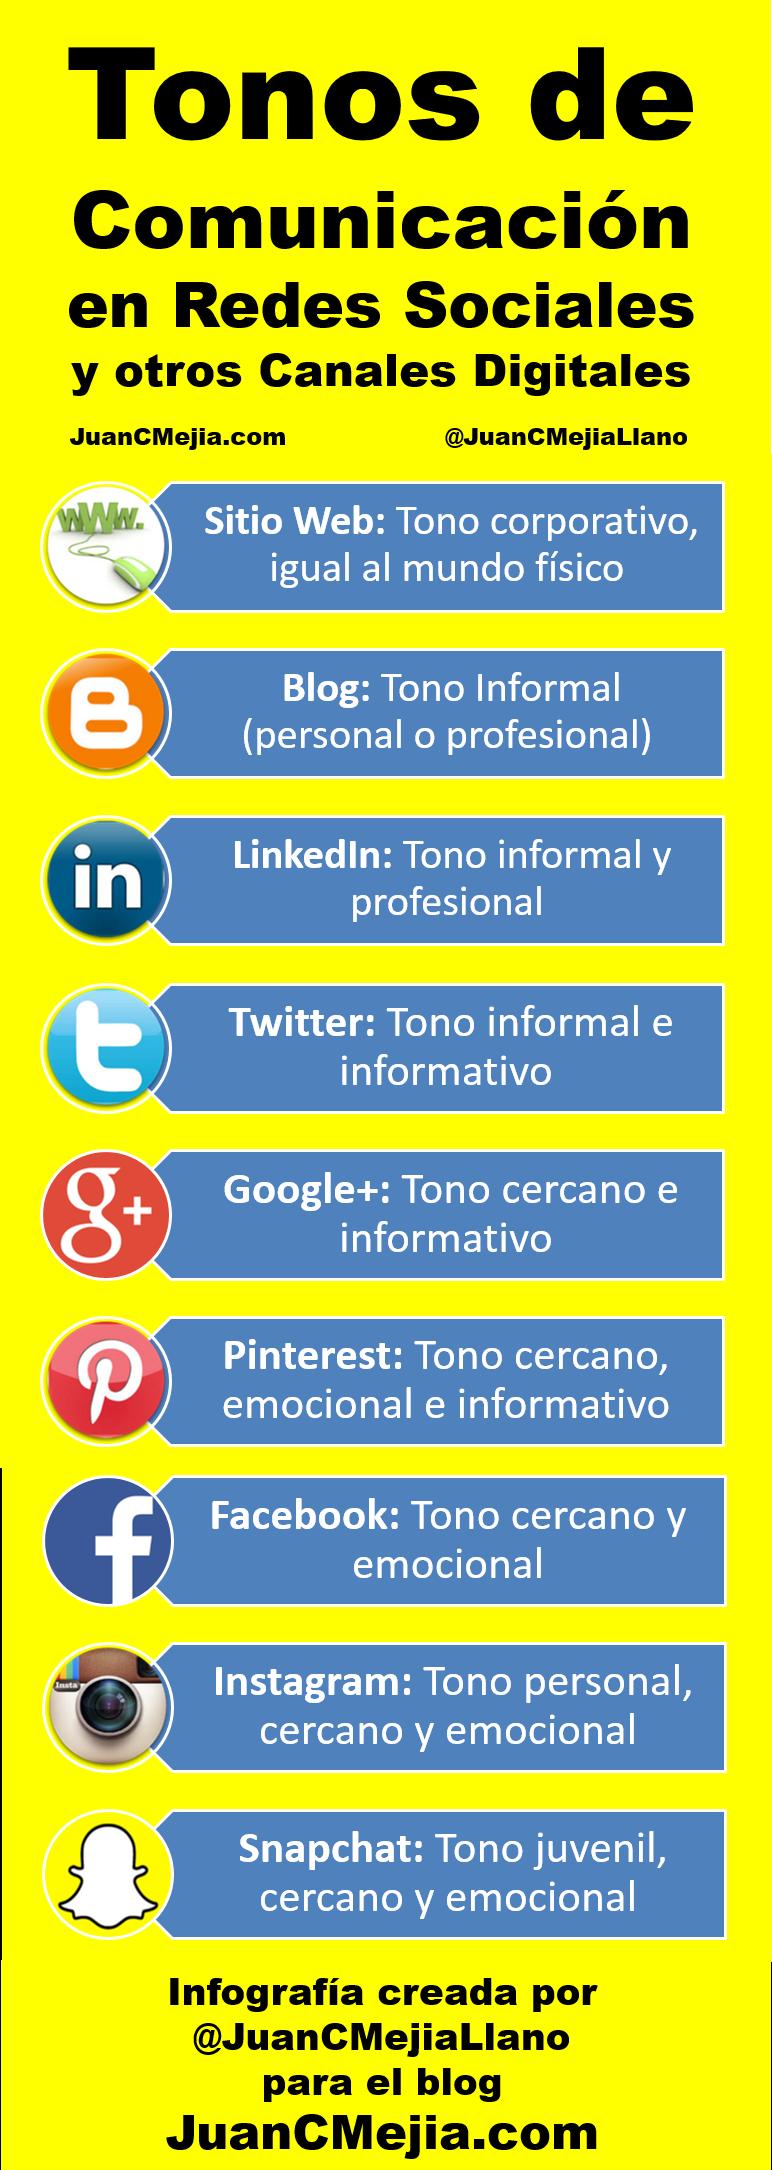 Tonos de comunicacion en redes sociales y otros canales digitales Infografía en Español